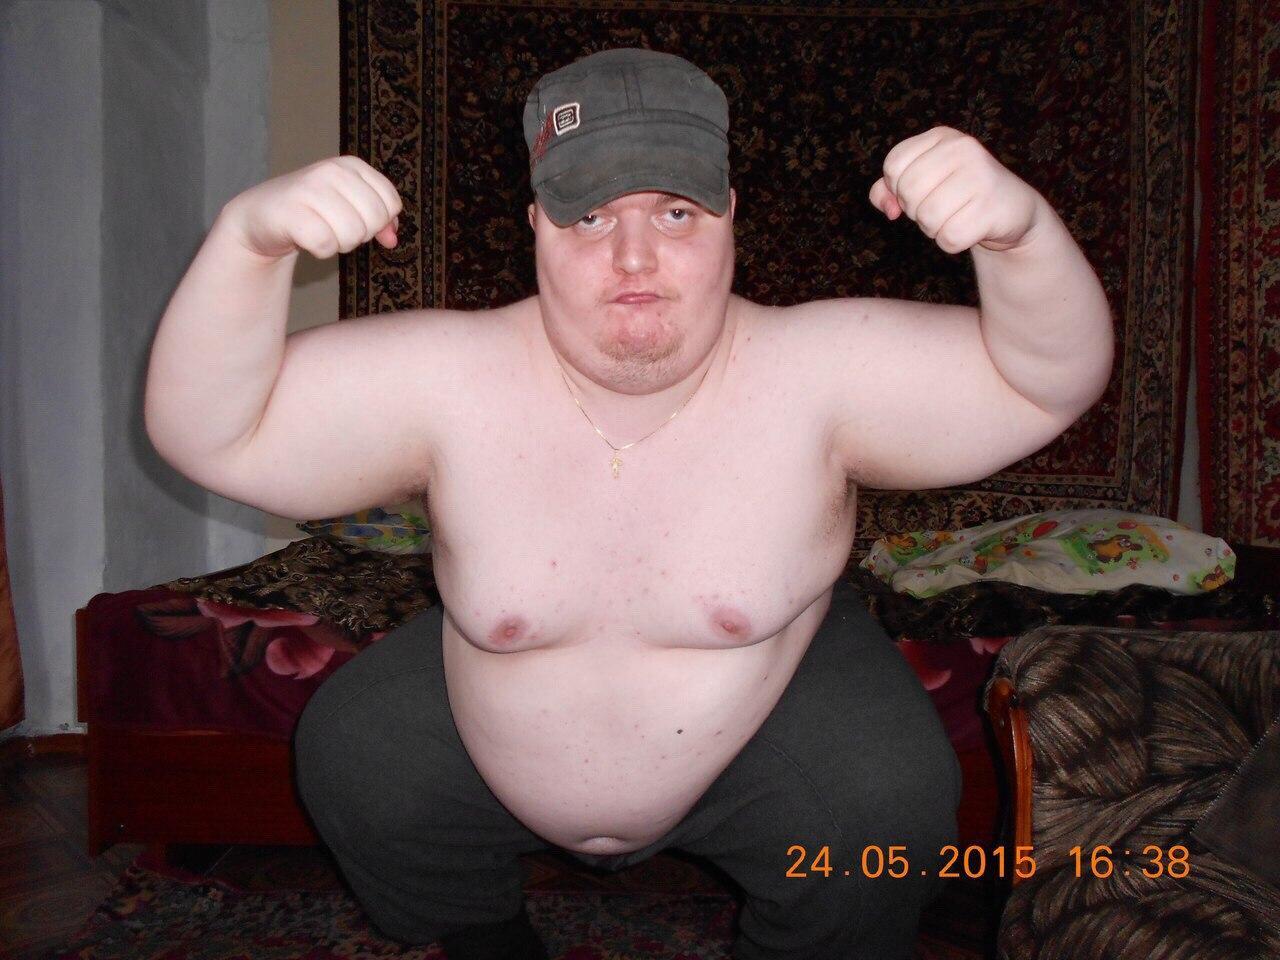 Худой парень ебет толстую жопу, Толстый мужик ебёт девчонку (видео) 10 фотография